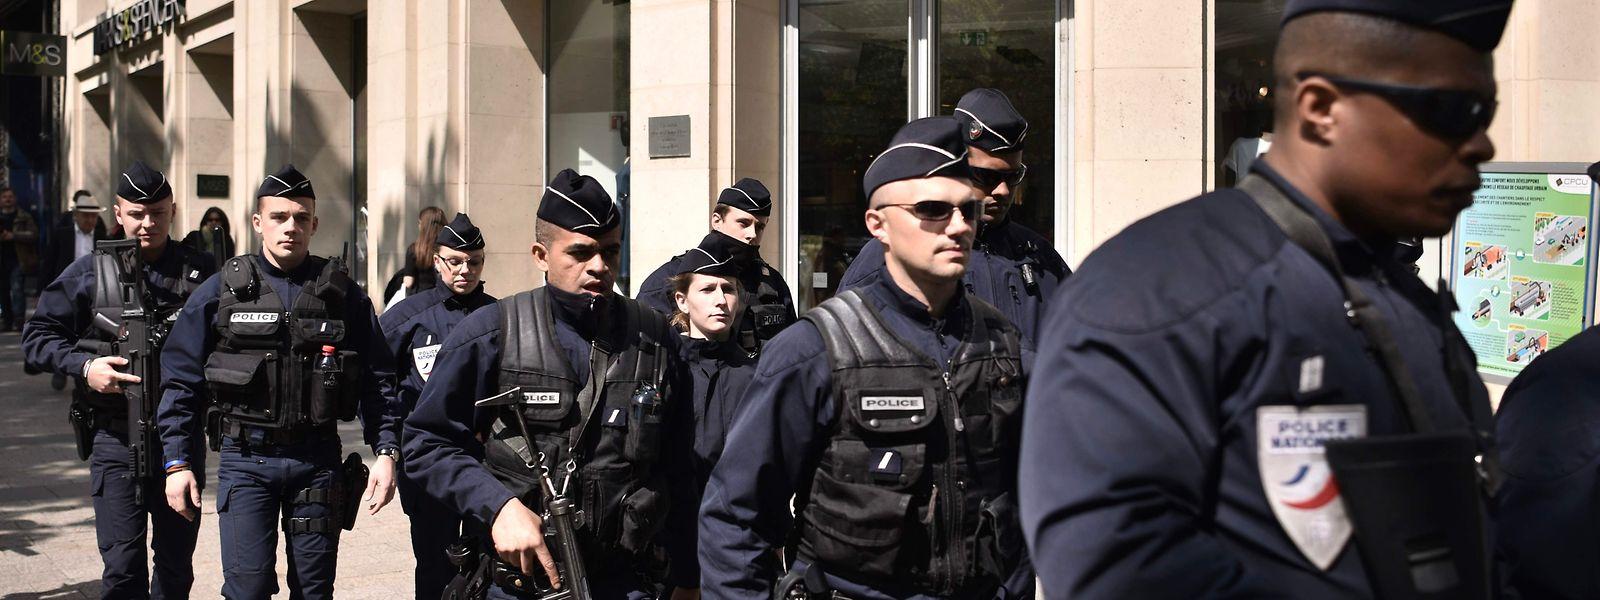 Eine Polizeipatrouille auf den Champs-Elysées am Tag nach dem Anschlag.